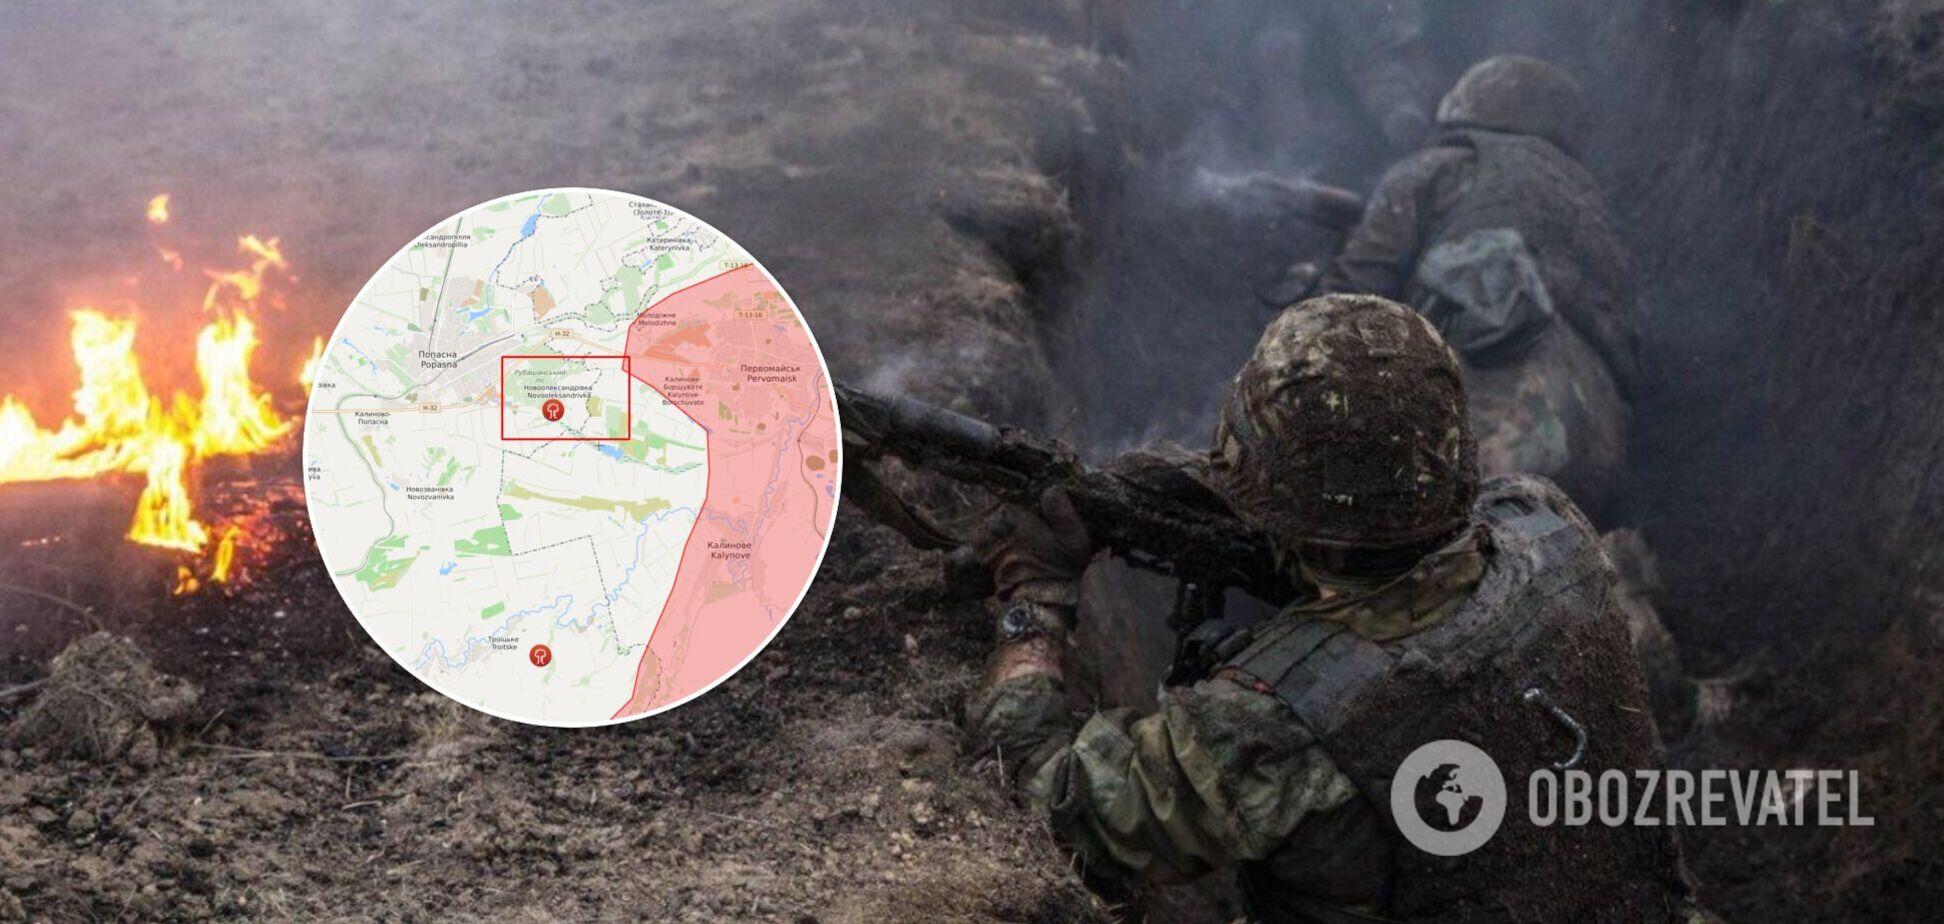 Еще трое защитников Украины ранены из-за обстрелов российских оккупантов